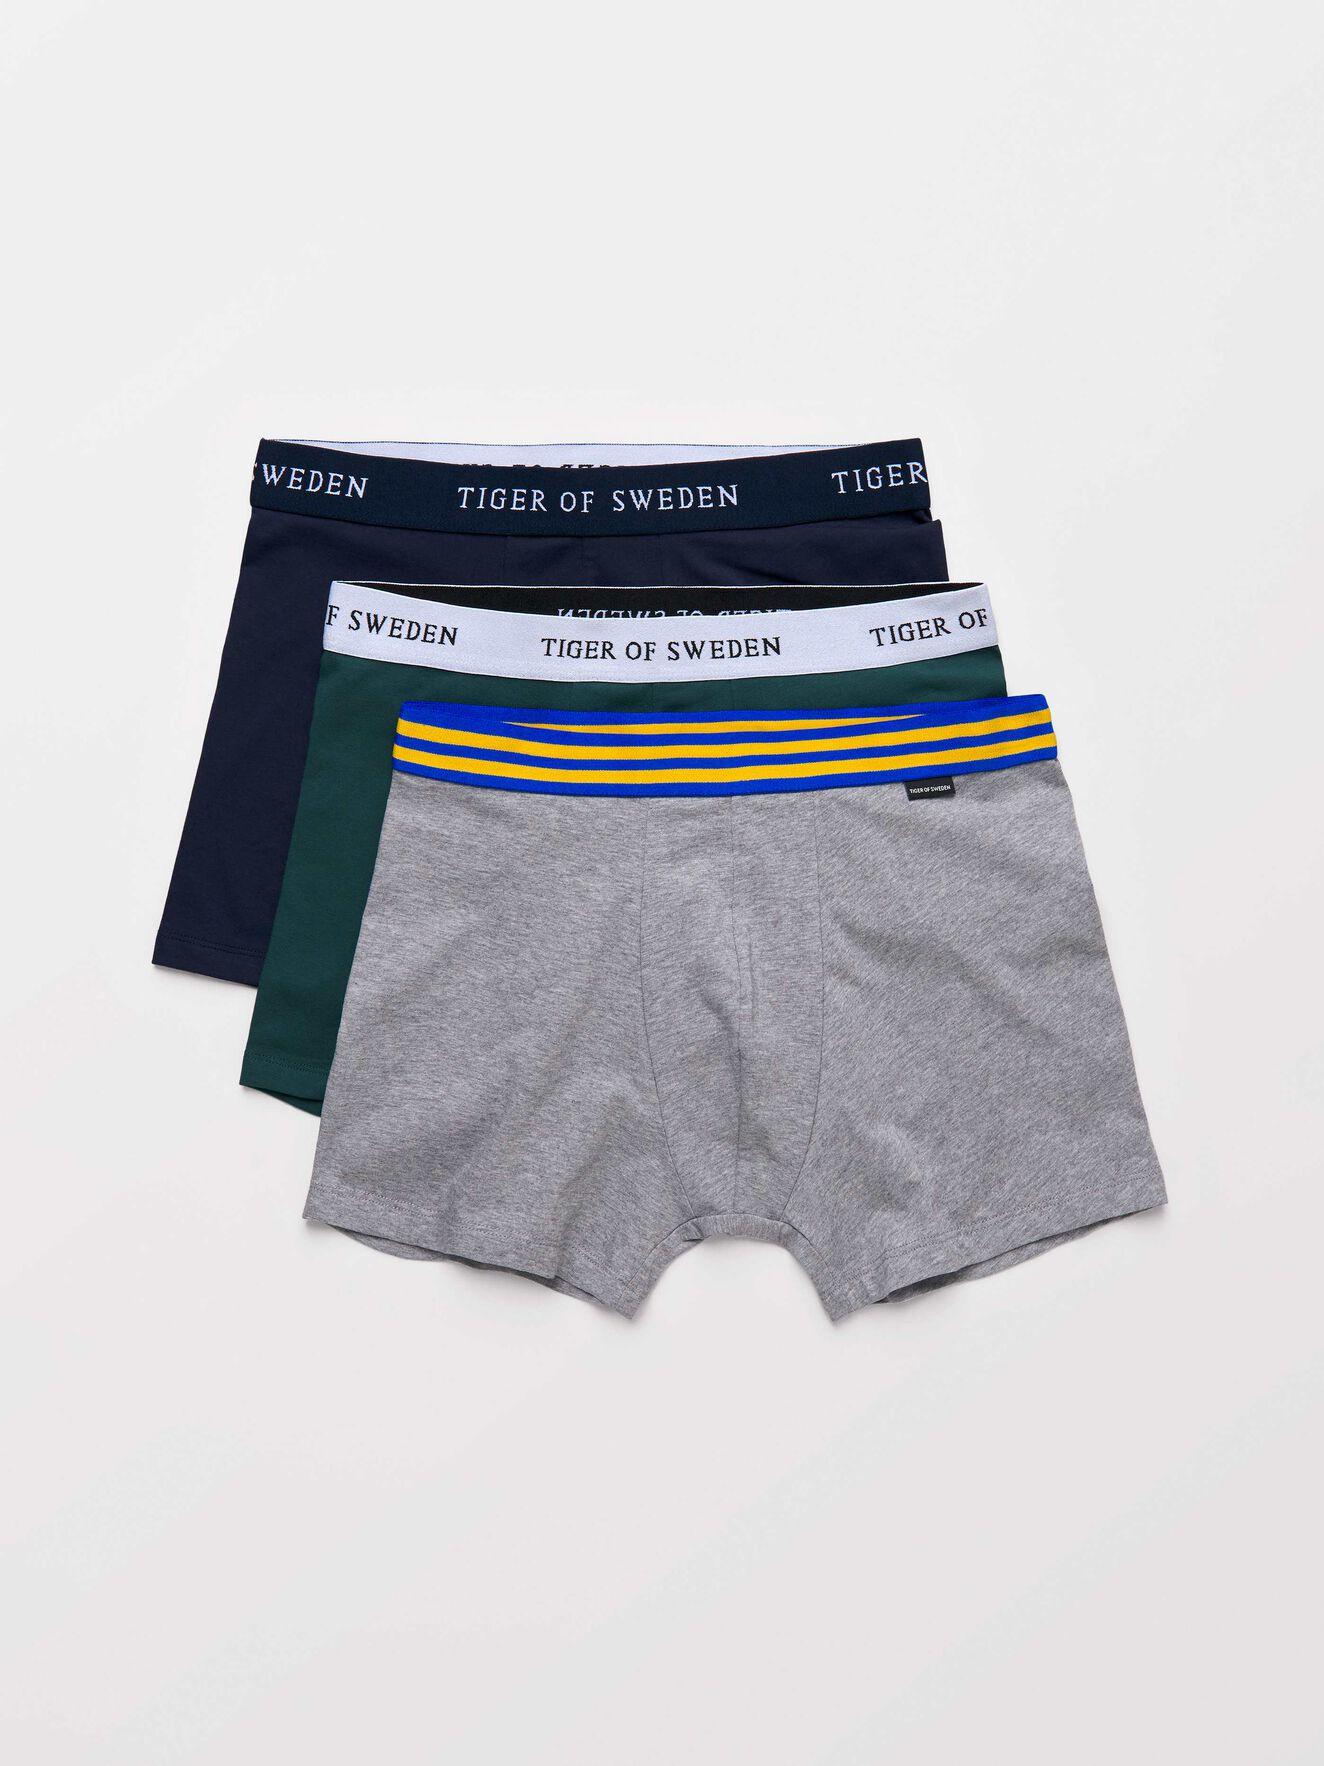 ecbba4964c Underwear - Shop men s designer underwear online at Tiger of Sweden